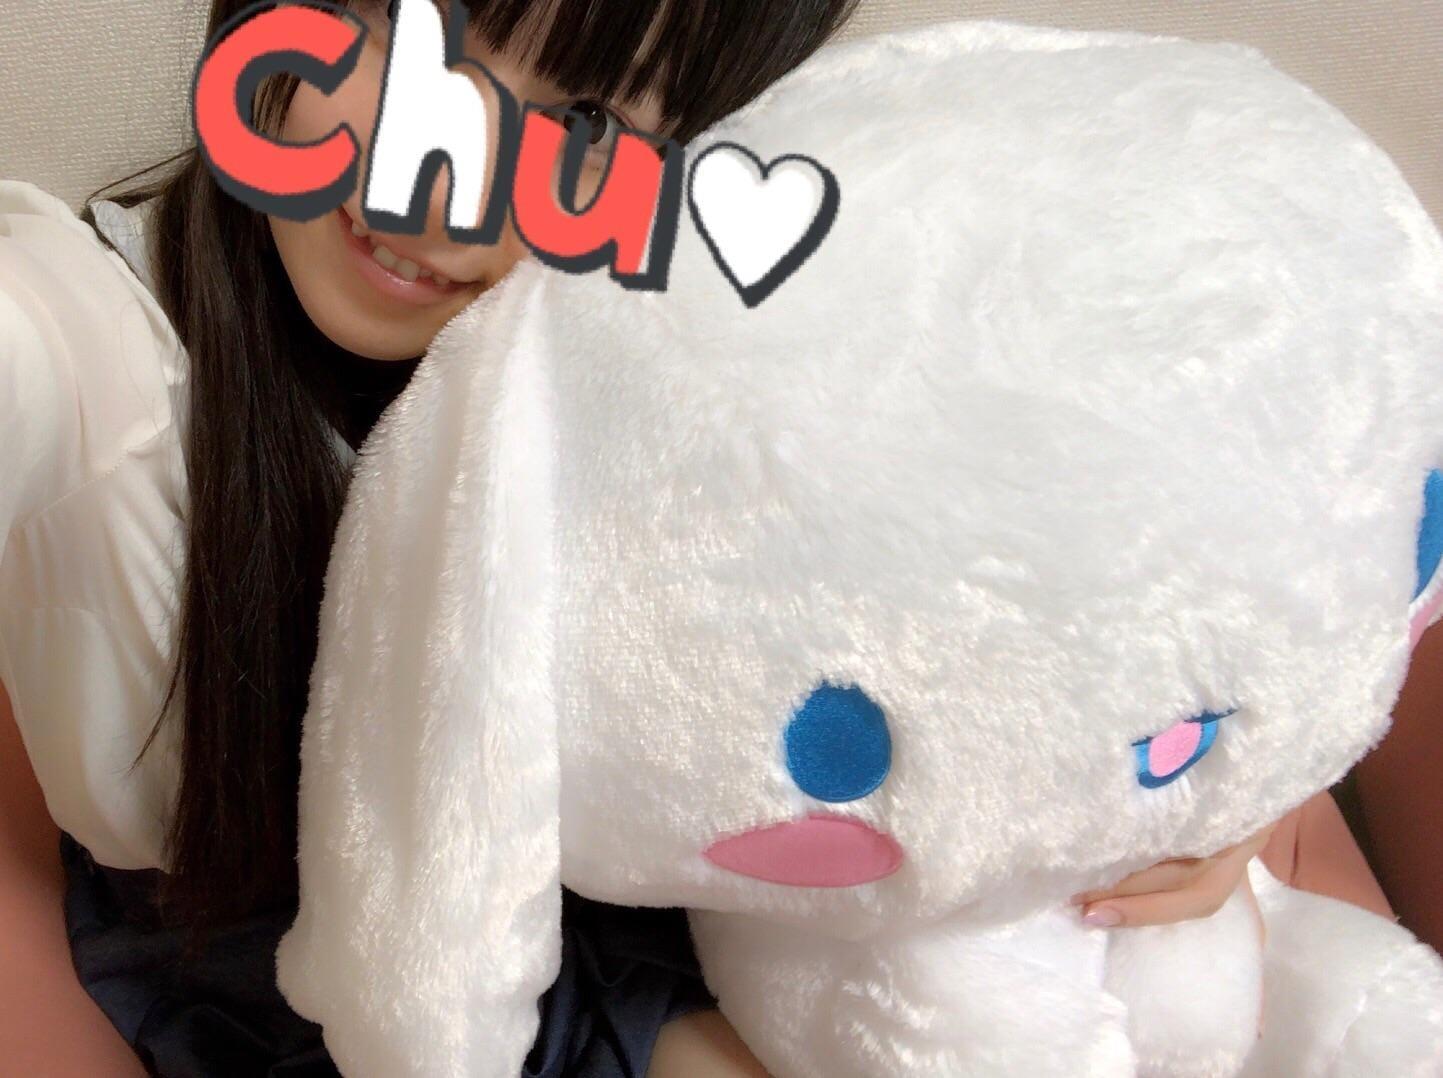 「*ゲットですっ*」06/21日(木) 11:39 | りほの写メ・風俗動画